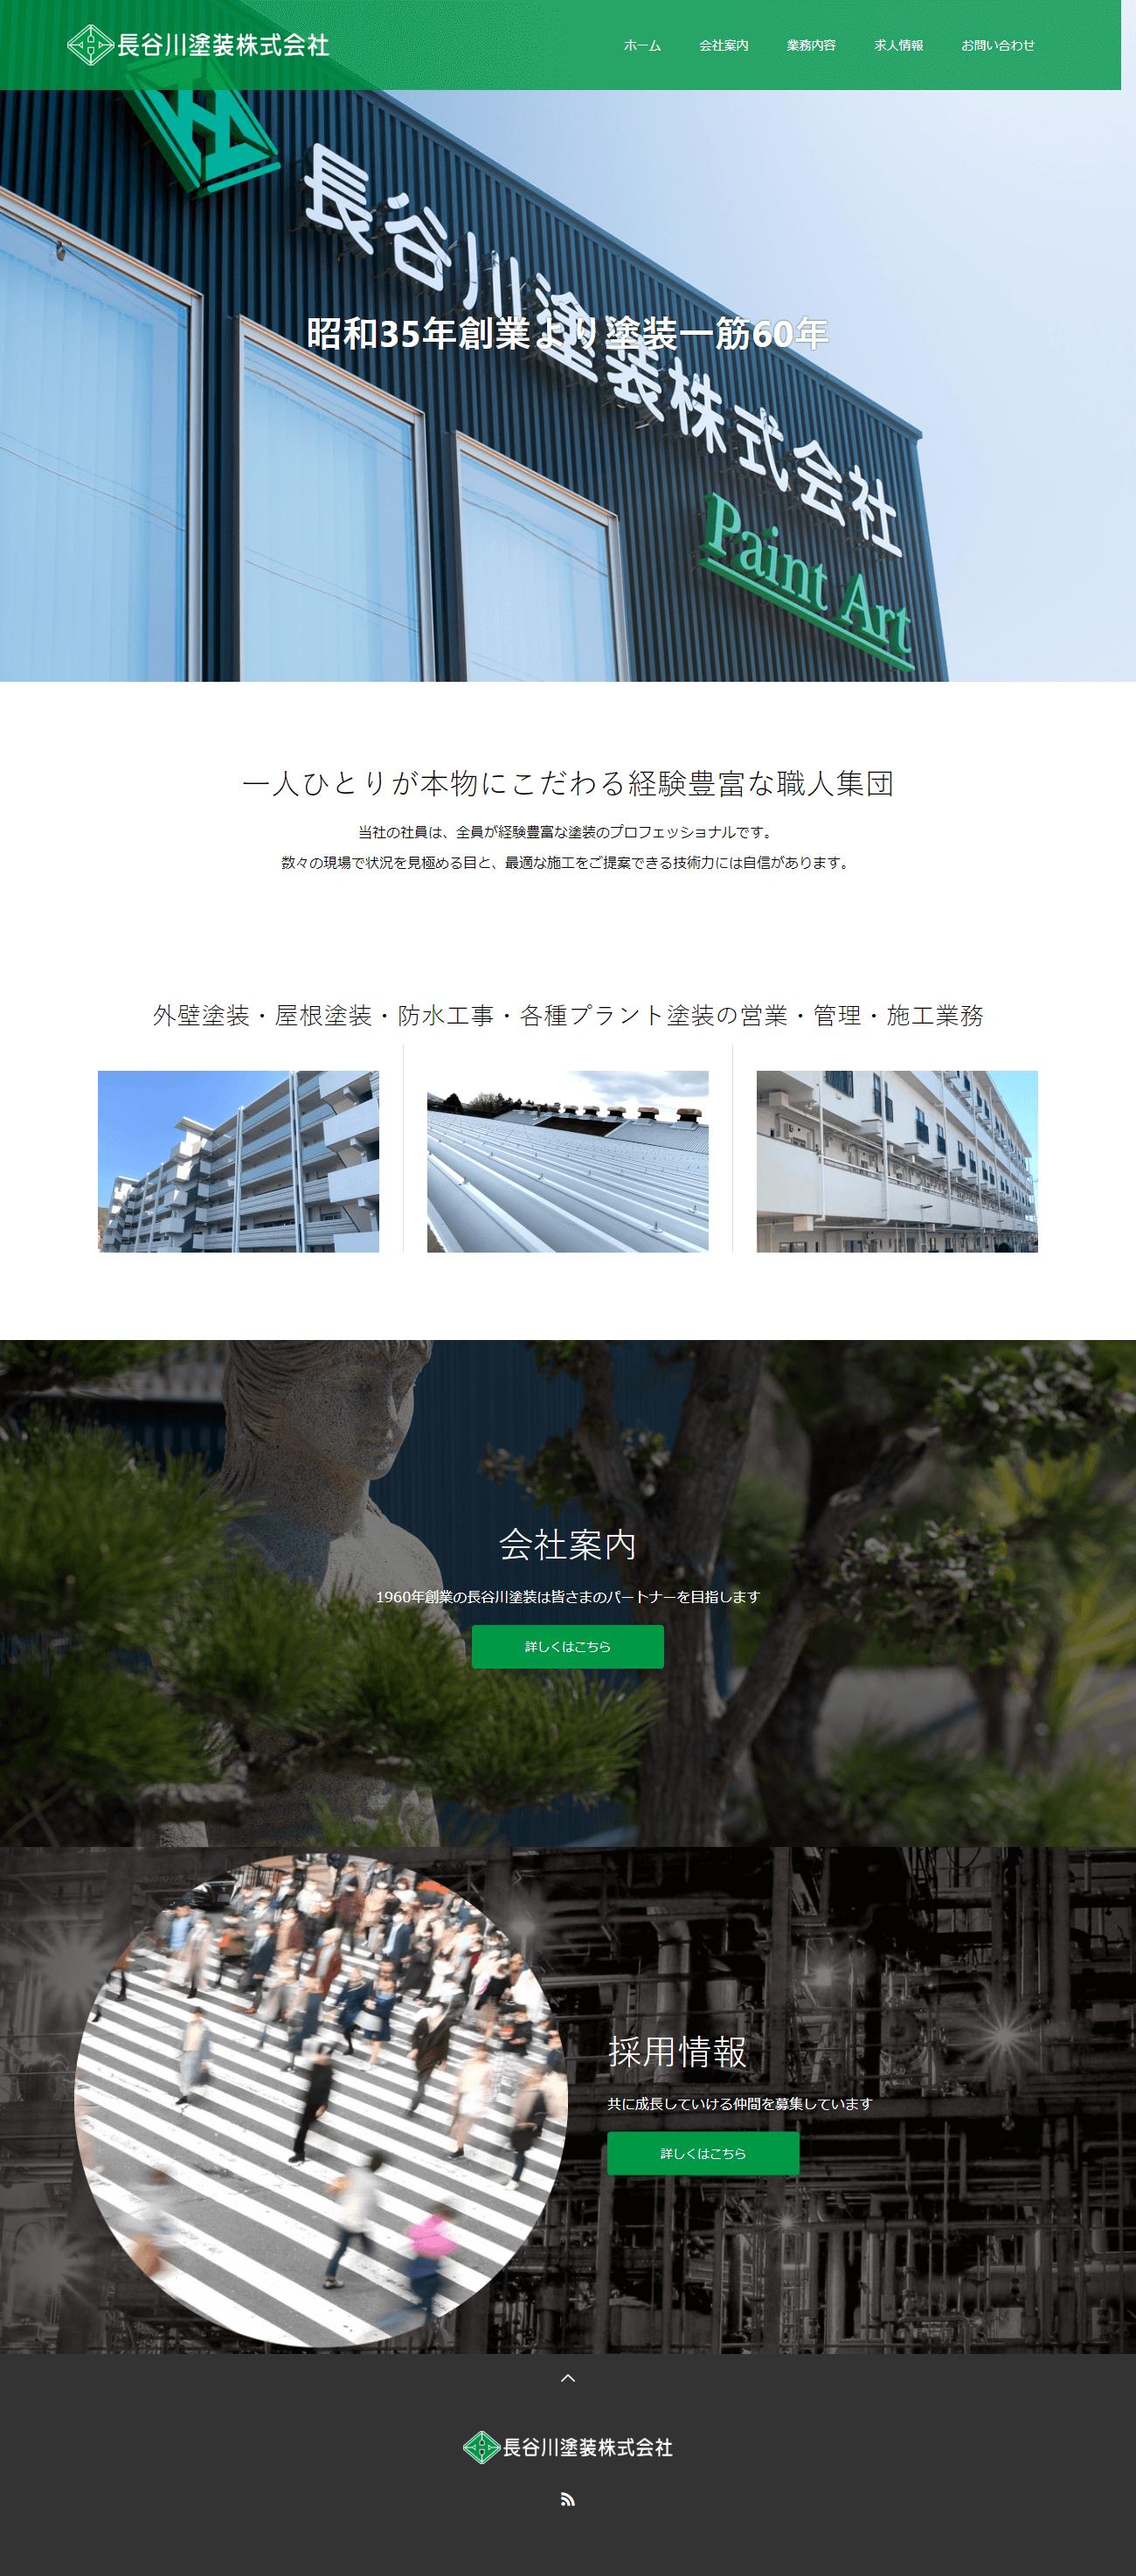 姫路市 長谷川塗装株式会社 ホームページ制作1